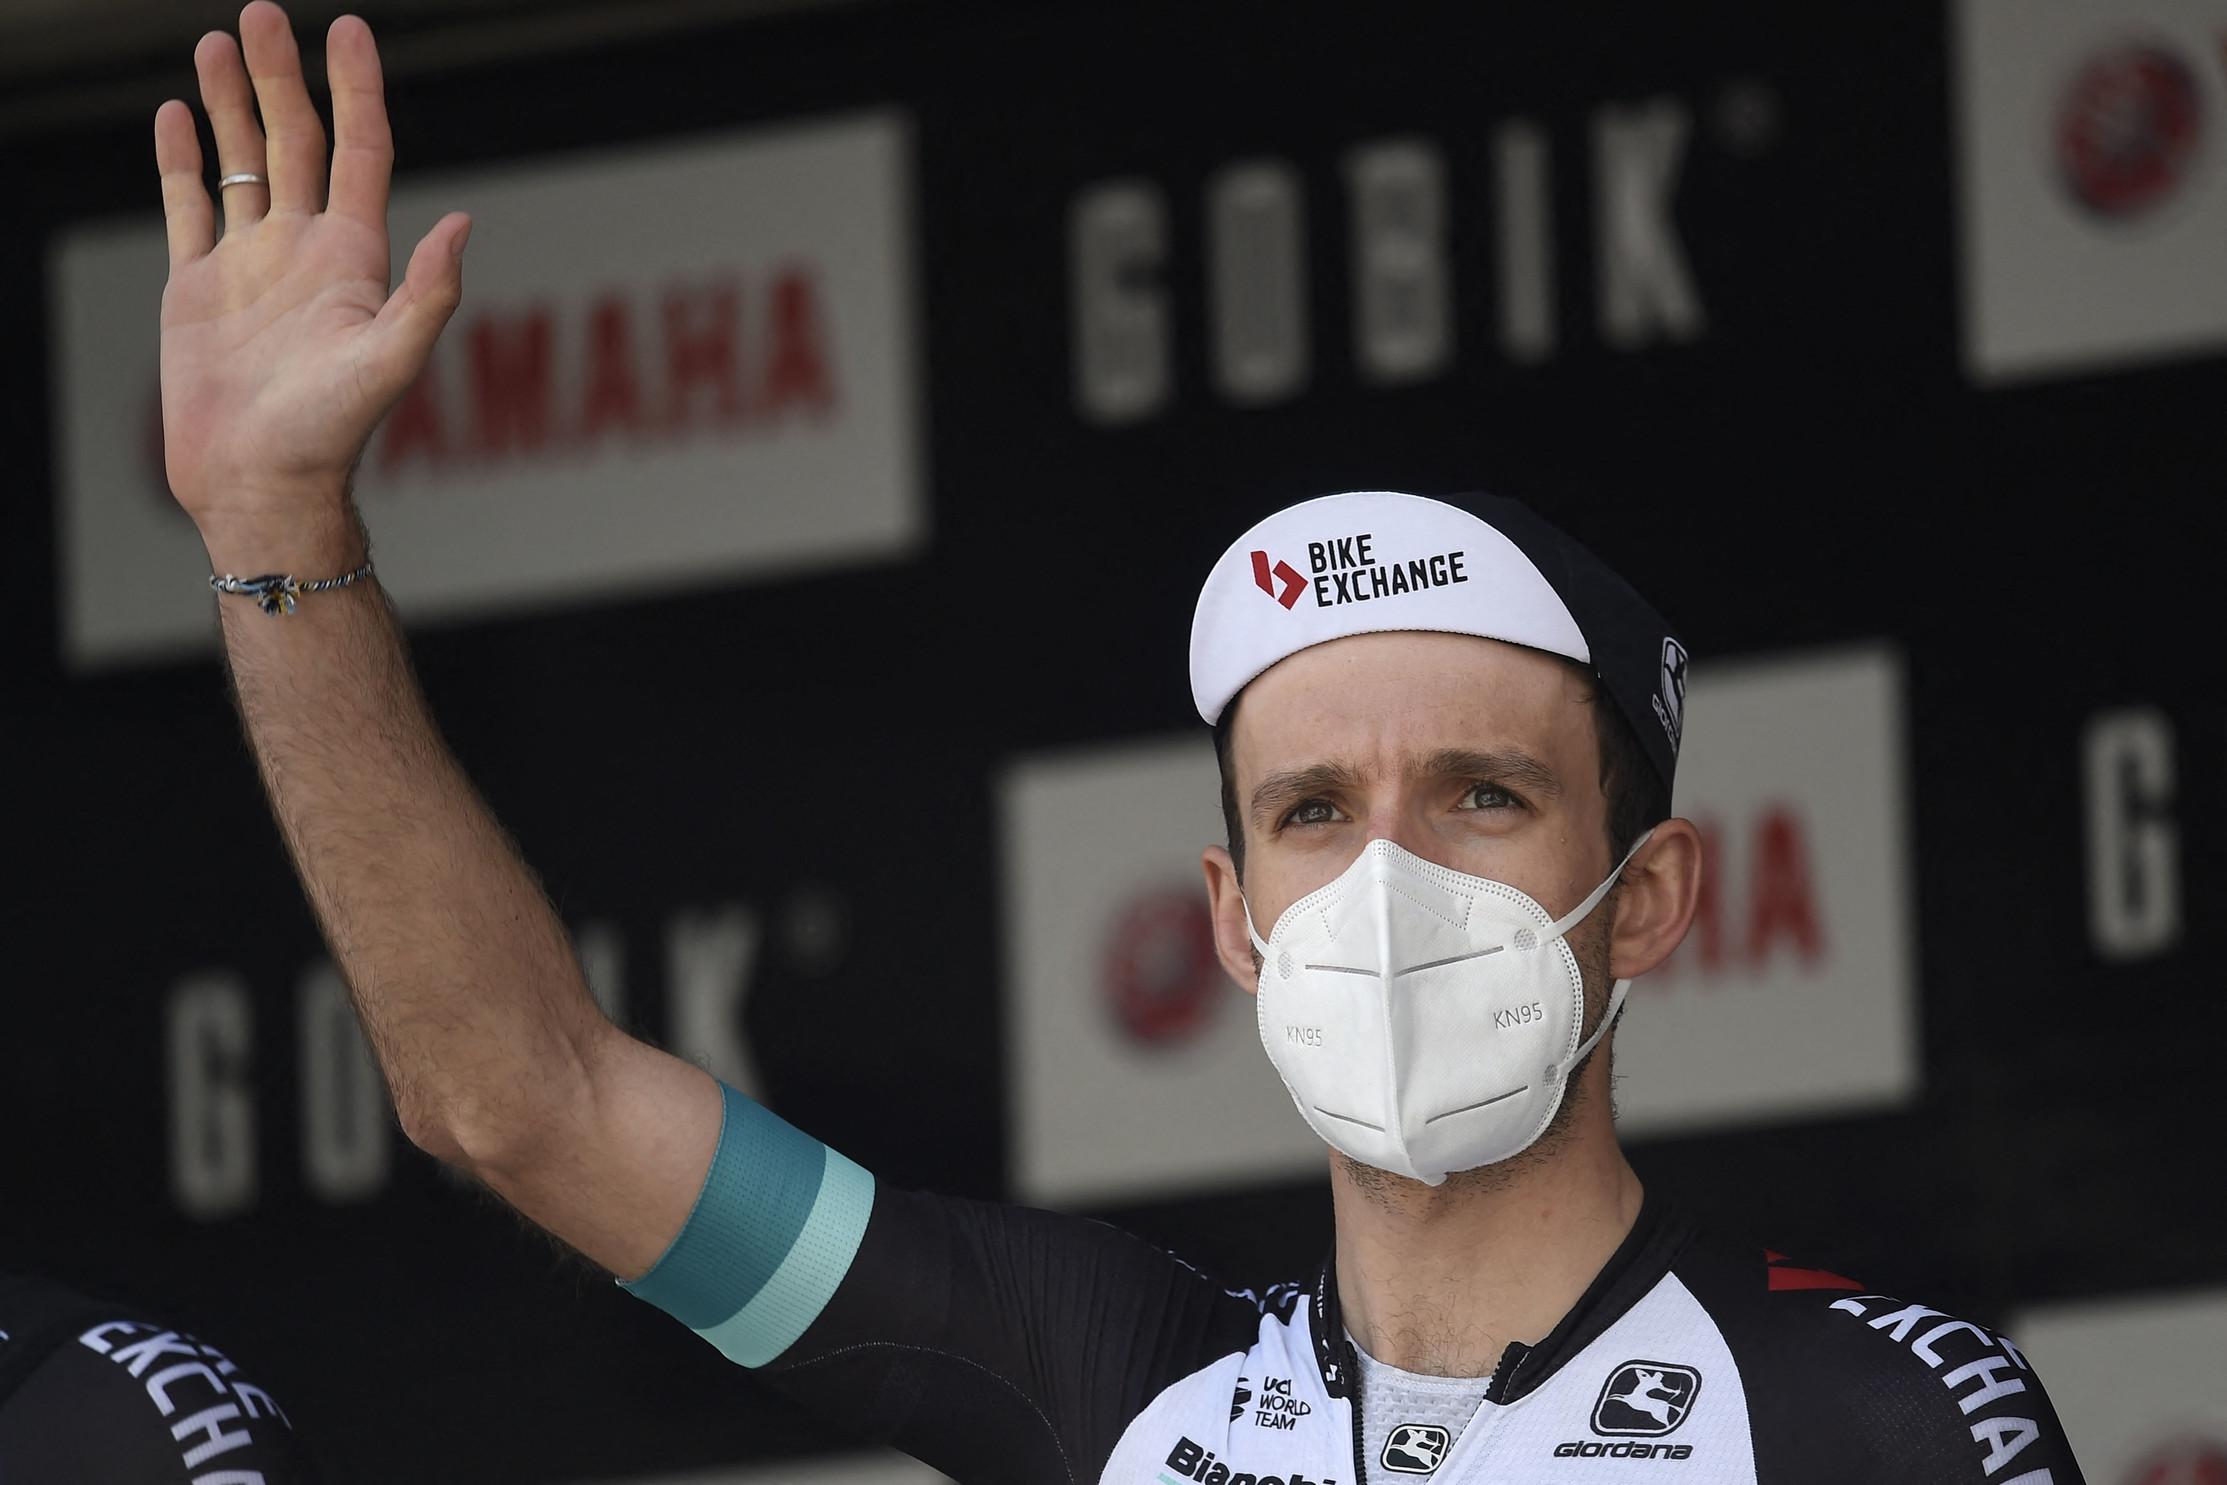 Il Team BikeExchange si presenta con una squadra interamente a supporto del suo capitano Simon Yates, che ha già dato prova della sua forma andando a vincere il Tour of the Alps.